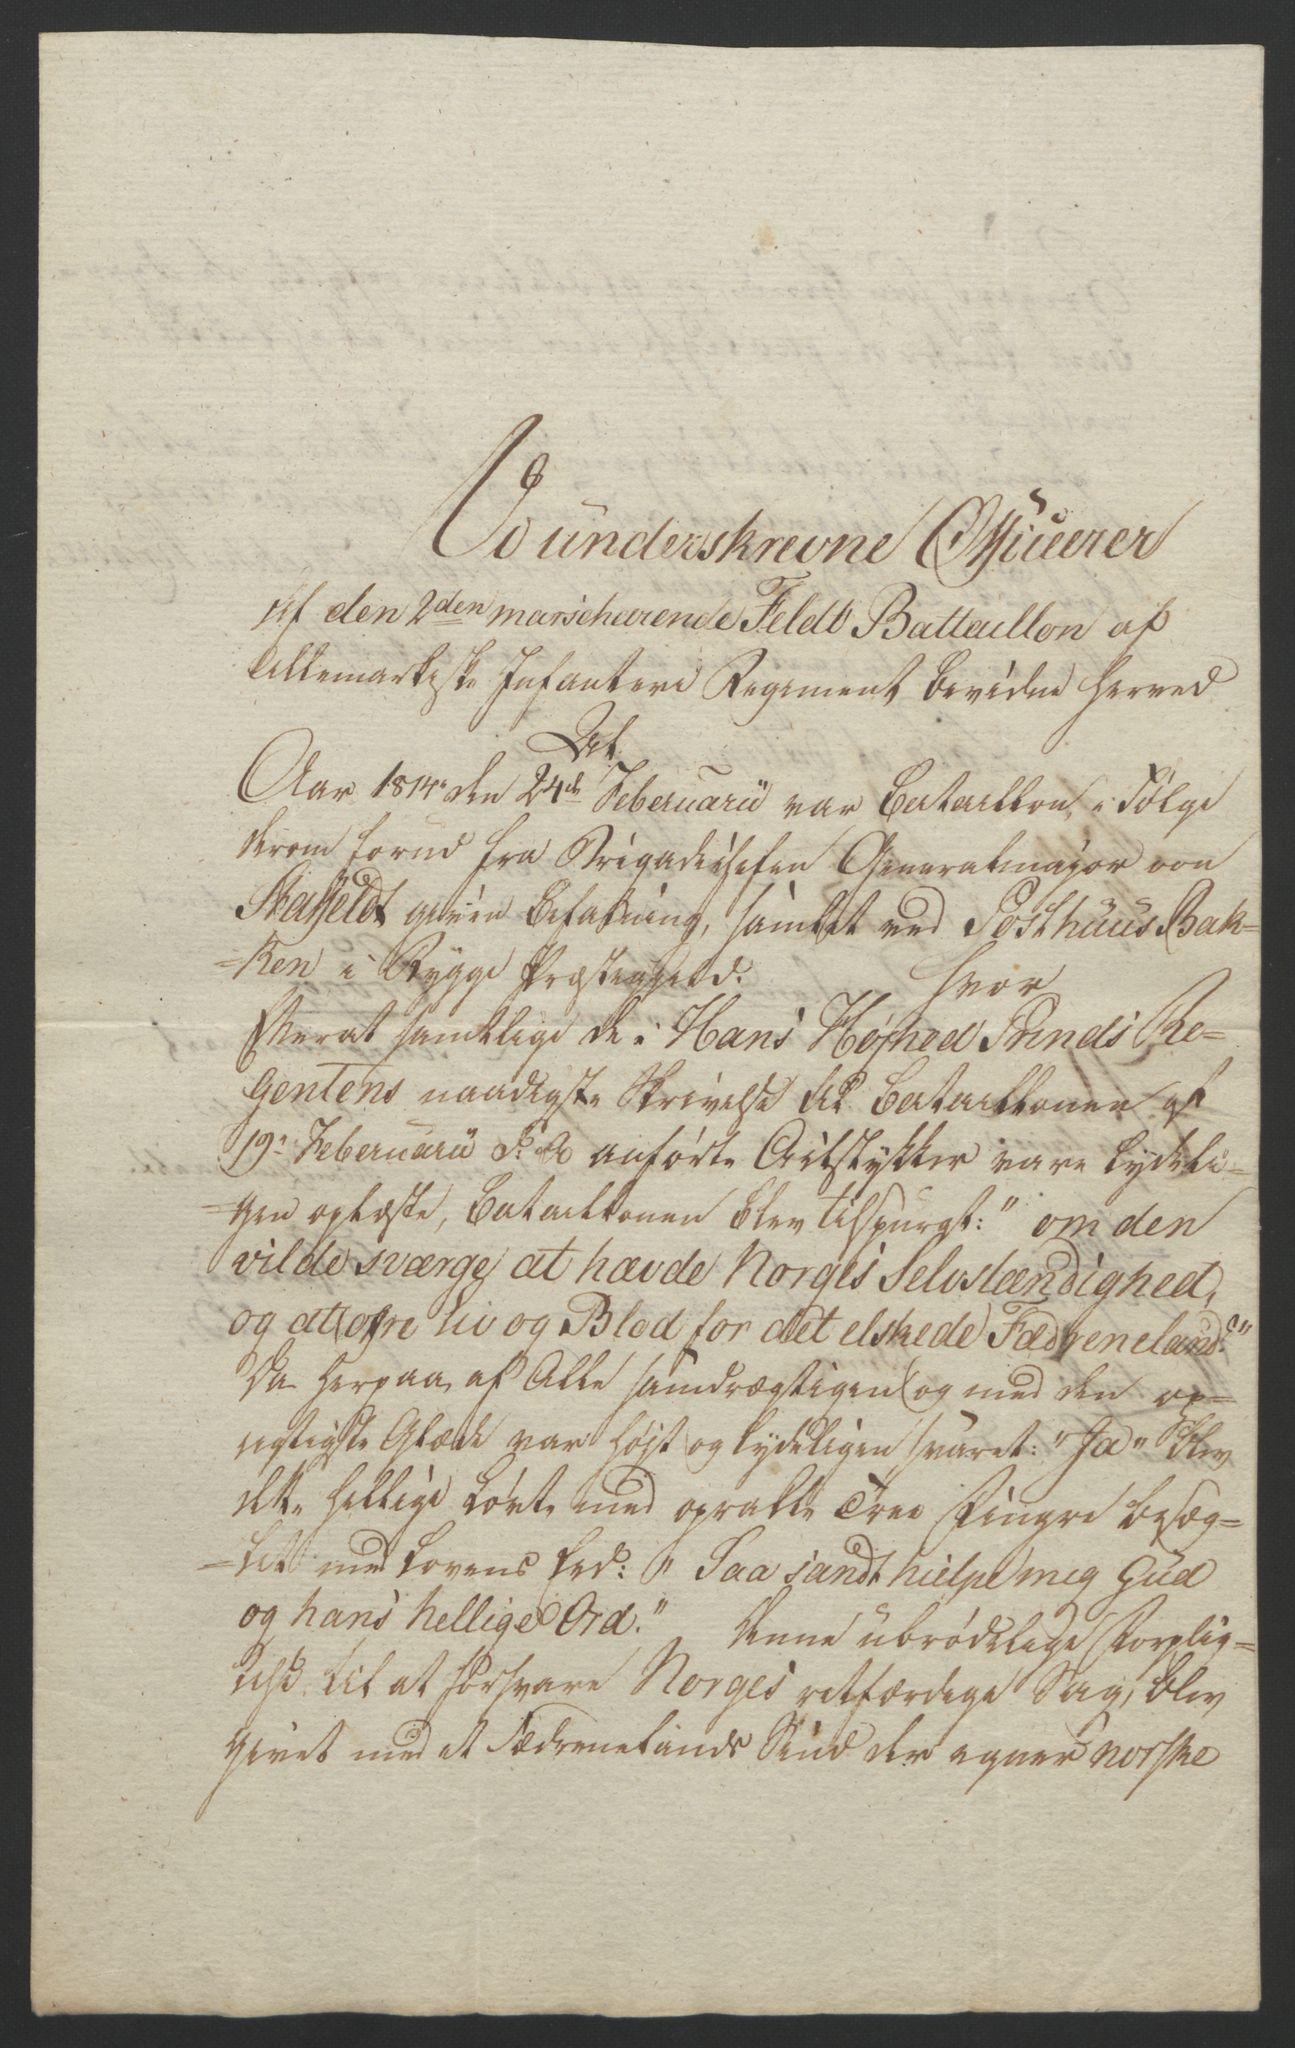 RA, Statsrådssekretariatet, D/Db/L0007: Fullmakter for Eidsvollsrepresentantene i 1814. , 1814, s. 99